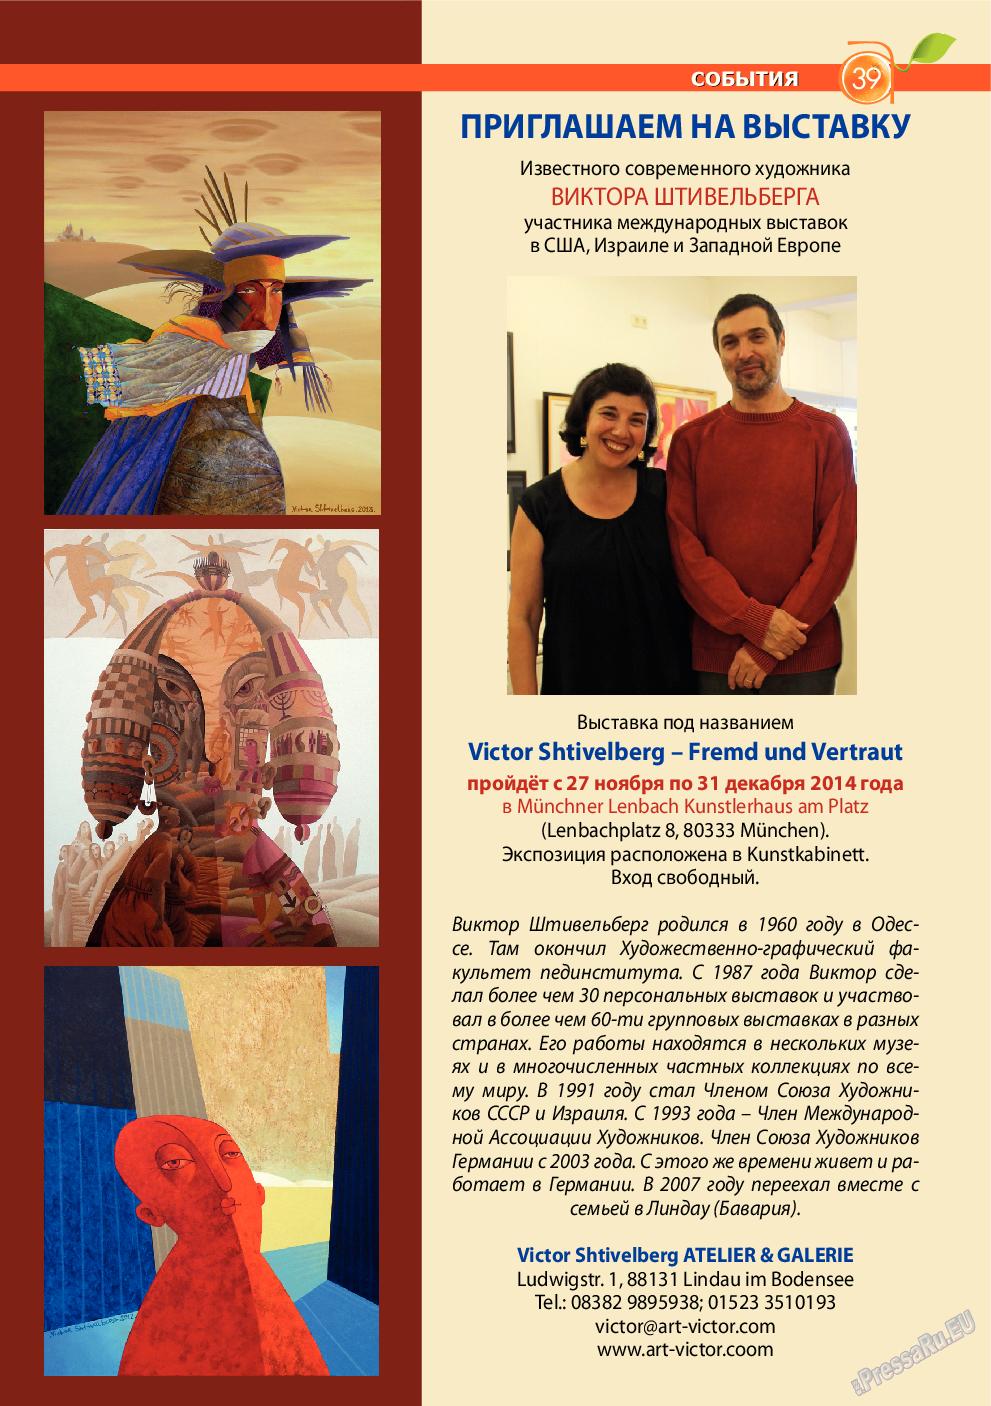 Апельсин (журнал). 2014 год, номер 64, стр. 39